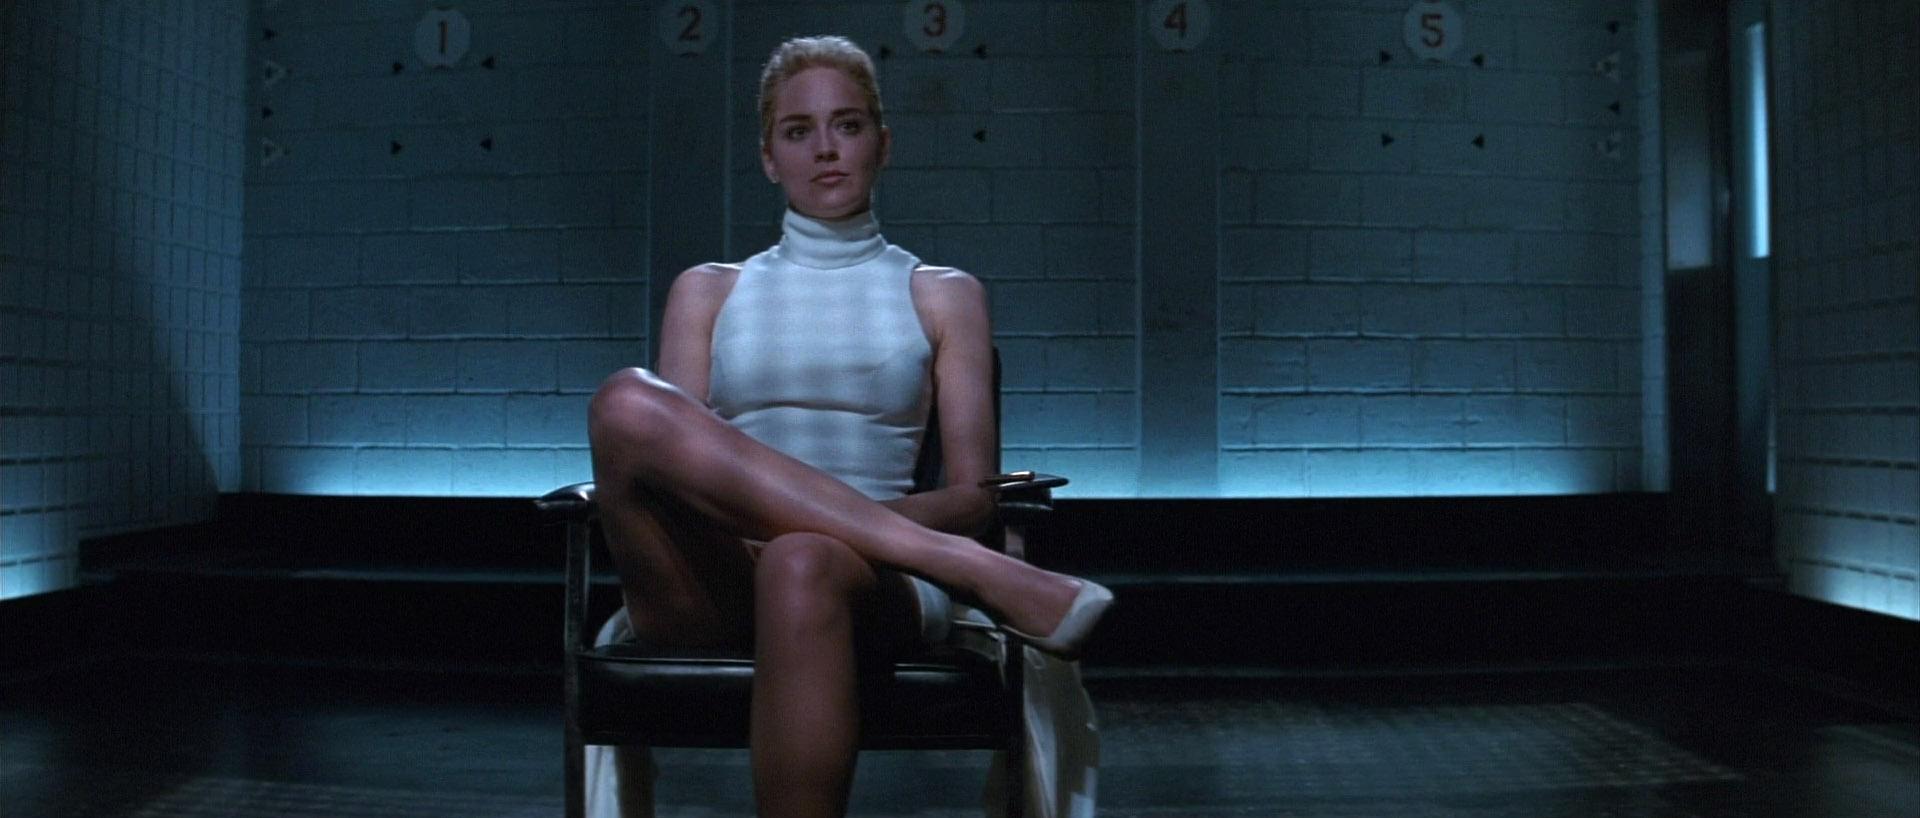 Самые сексуальные роли женщин в кино